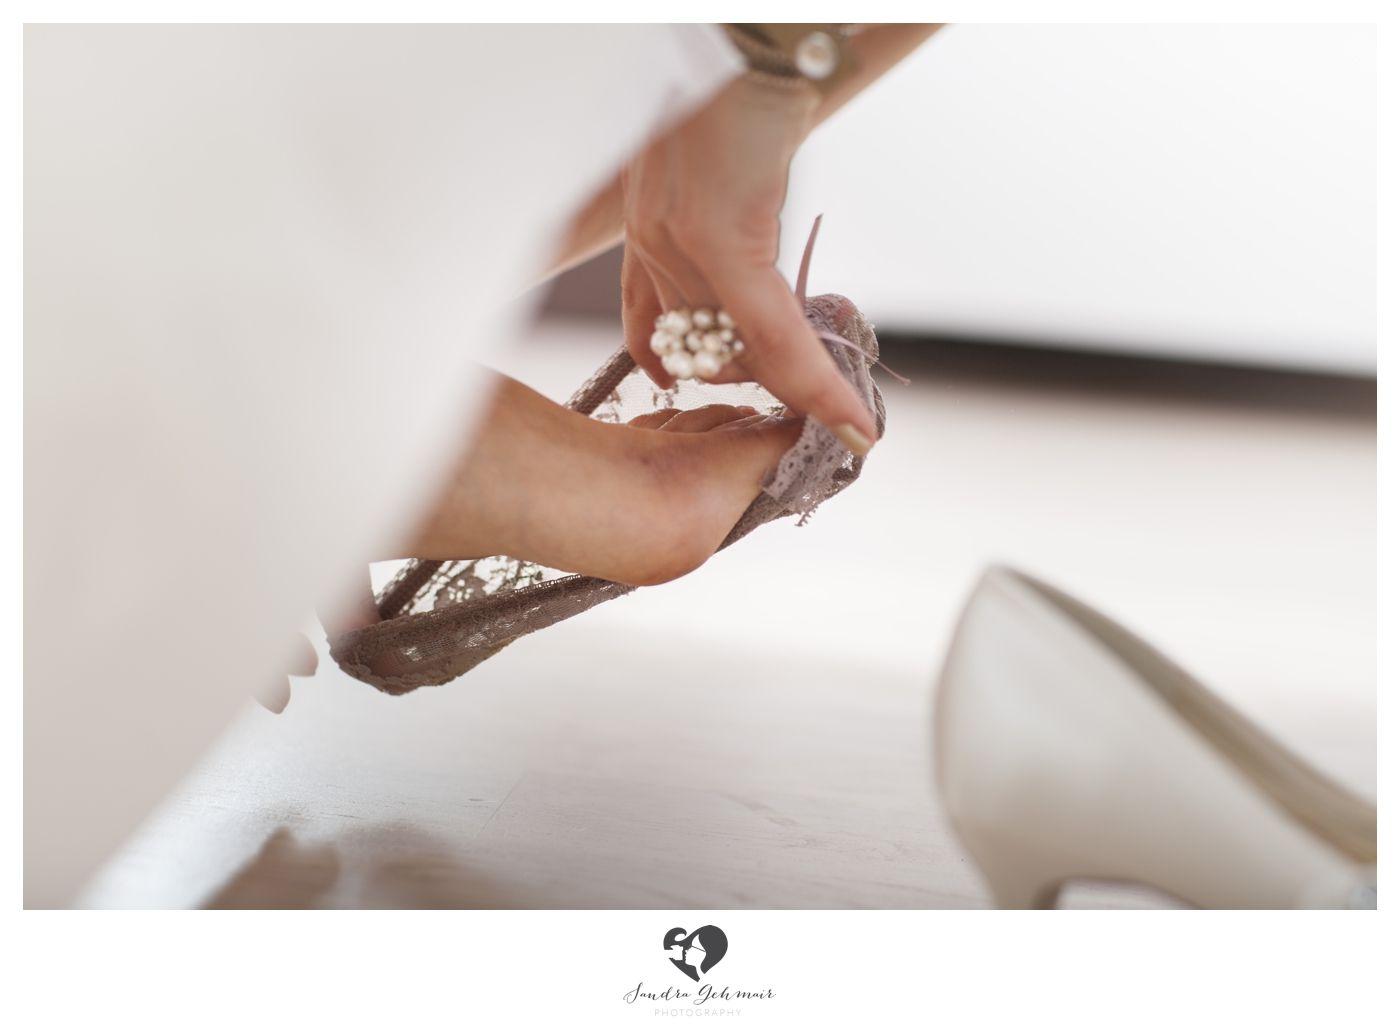 Schuhe Brautschuhe Footwear Bridal Bride Braut Hochzeitsschuhe